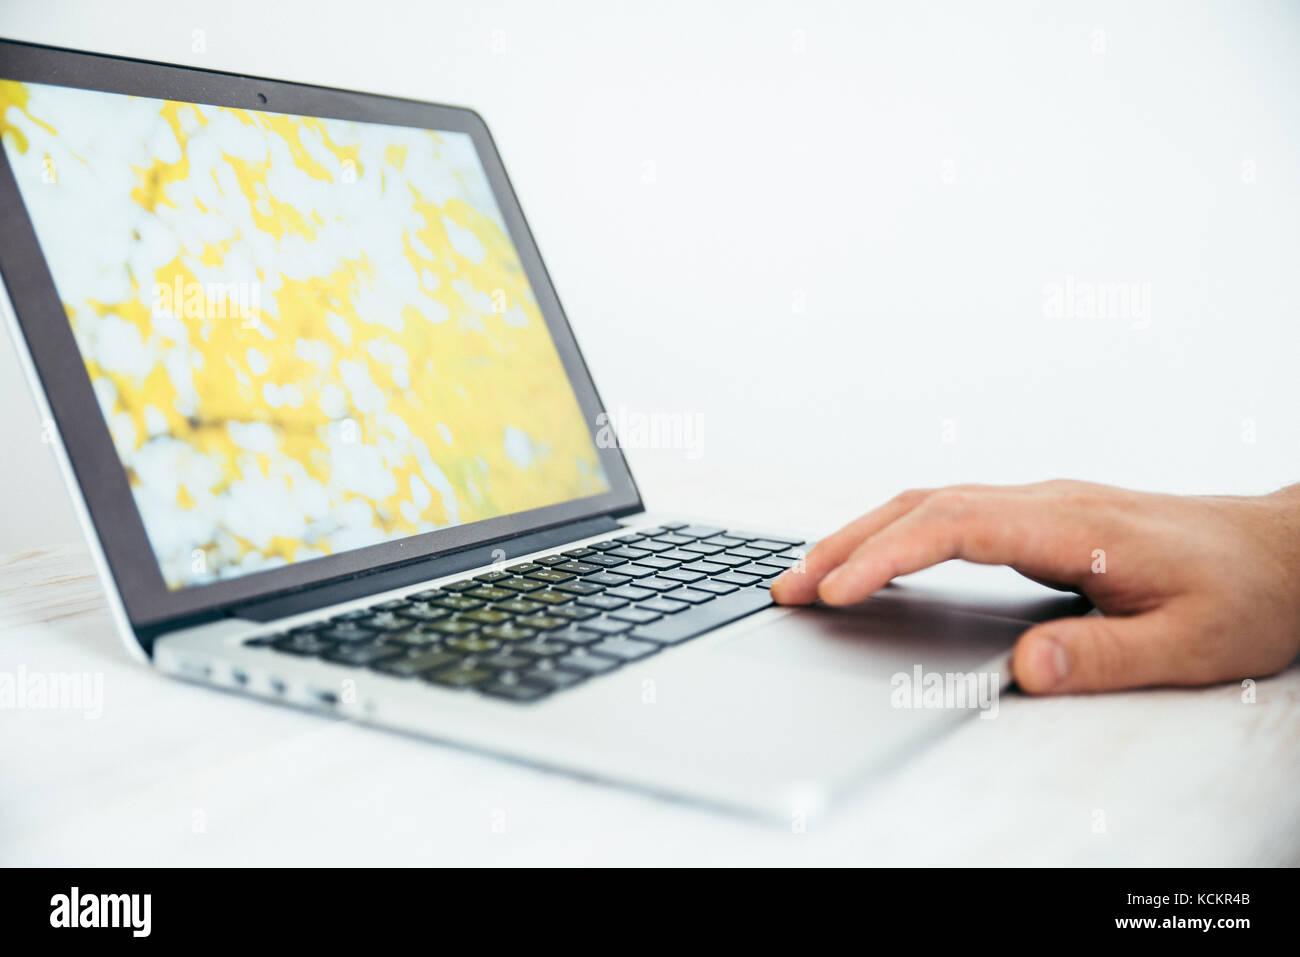 La main à l'aide de touchpad d'ordinateur portable Photo Stock